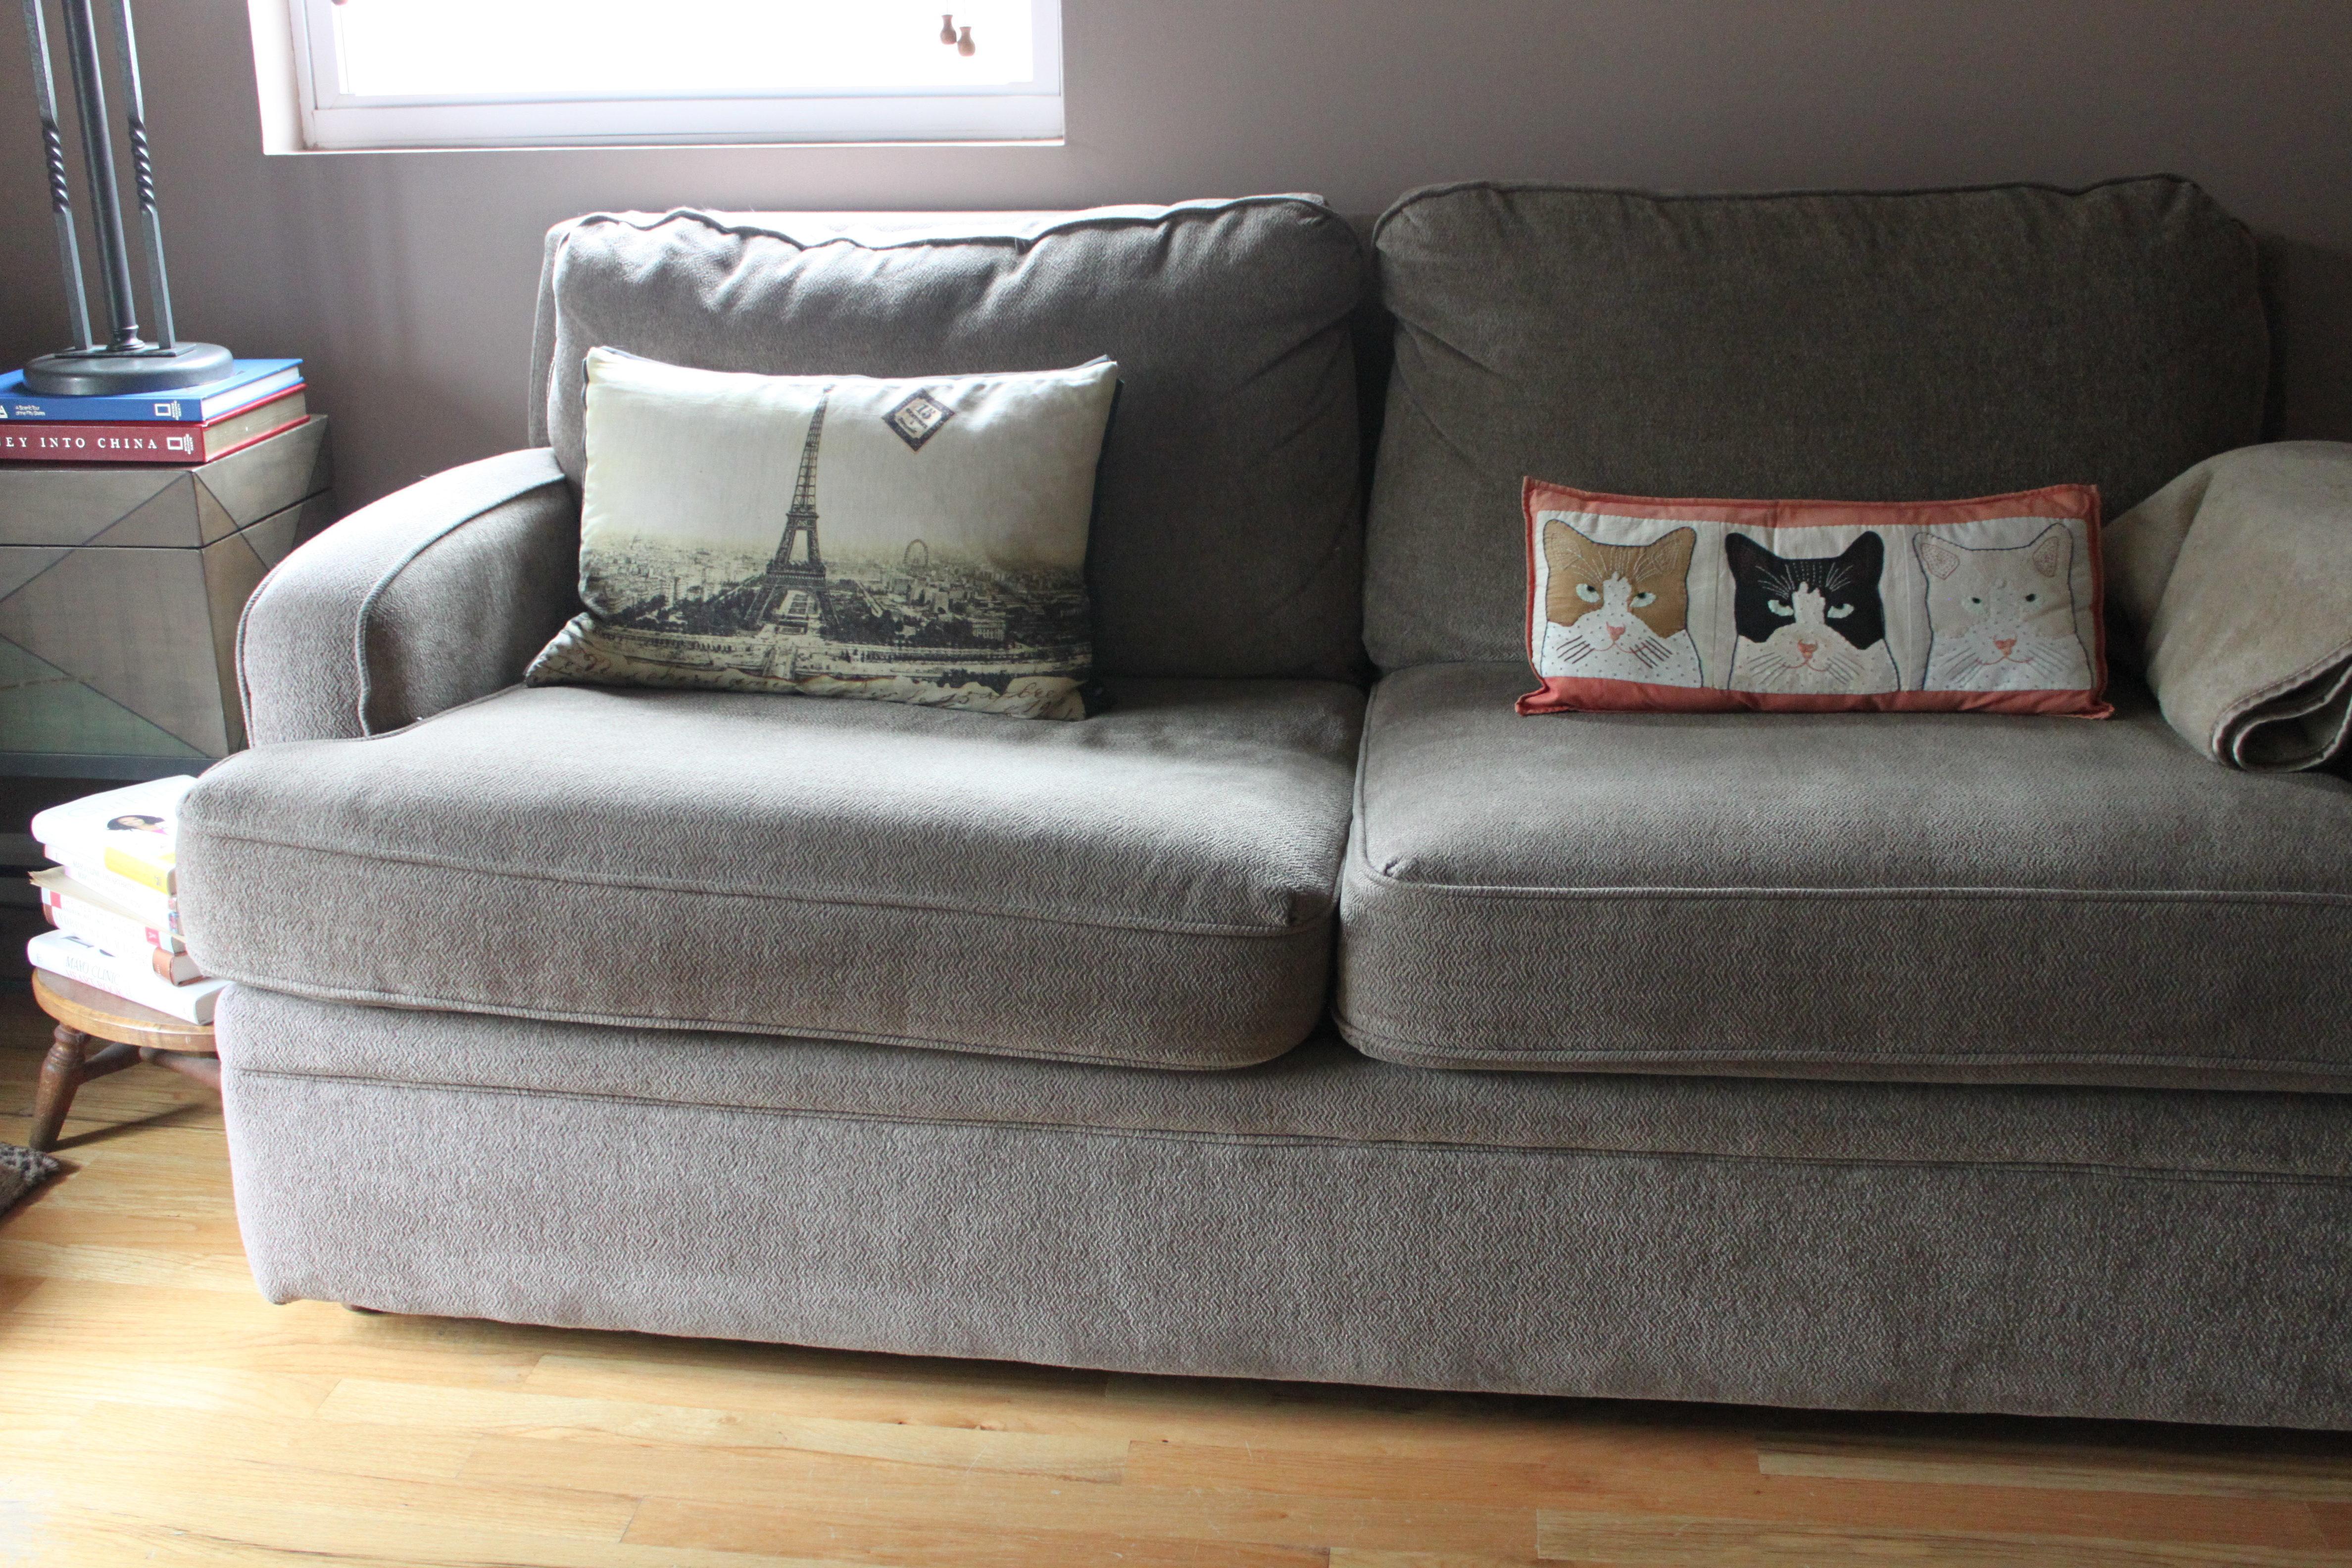 Lazy Boy Reclining Sofa Dimensions Lazyboy Recliner